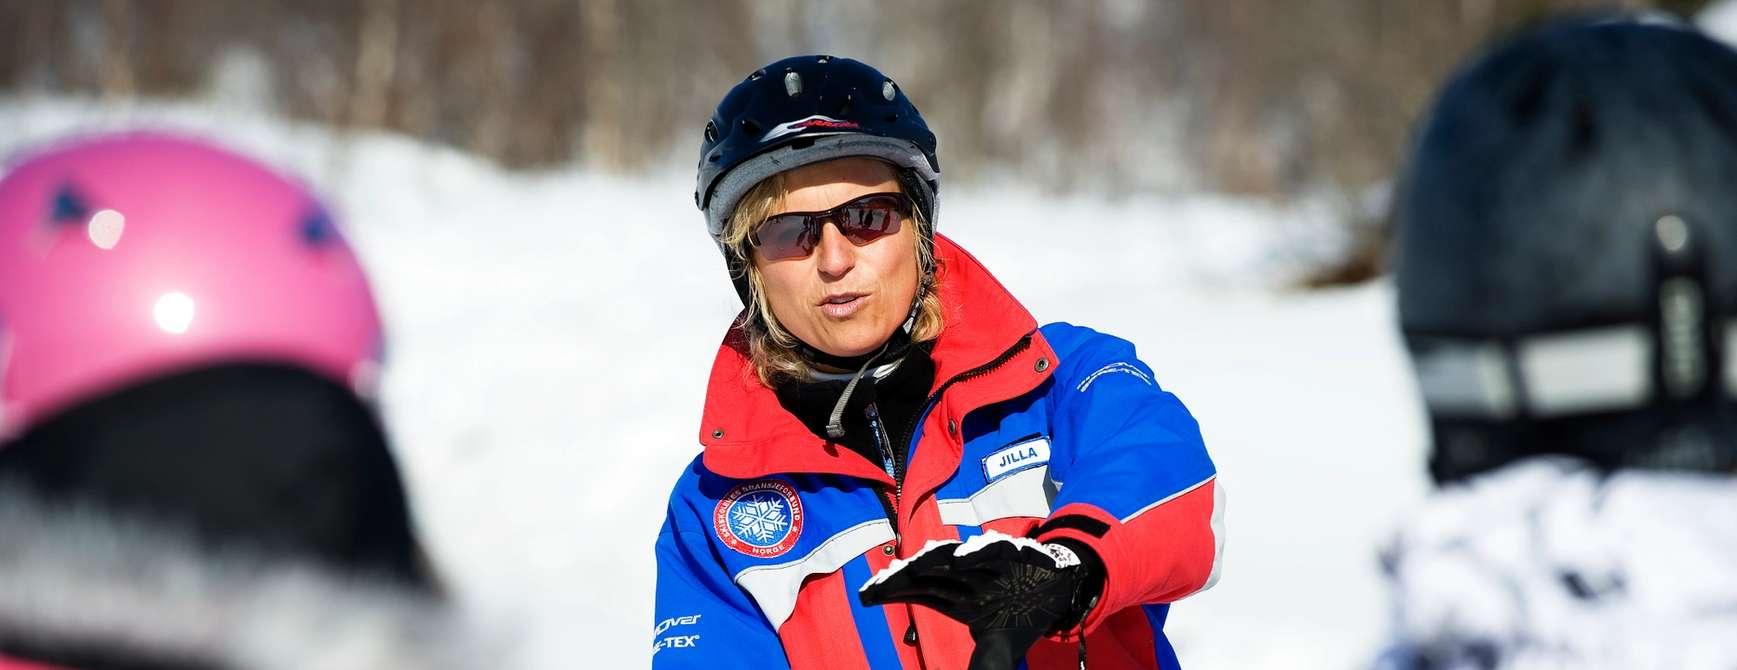 Foto: © Terje Rakke / Nordic Life AS / www.fjordnorway.com